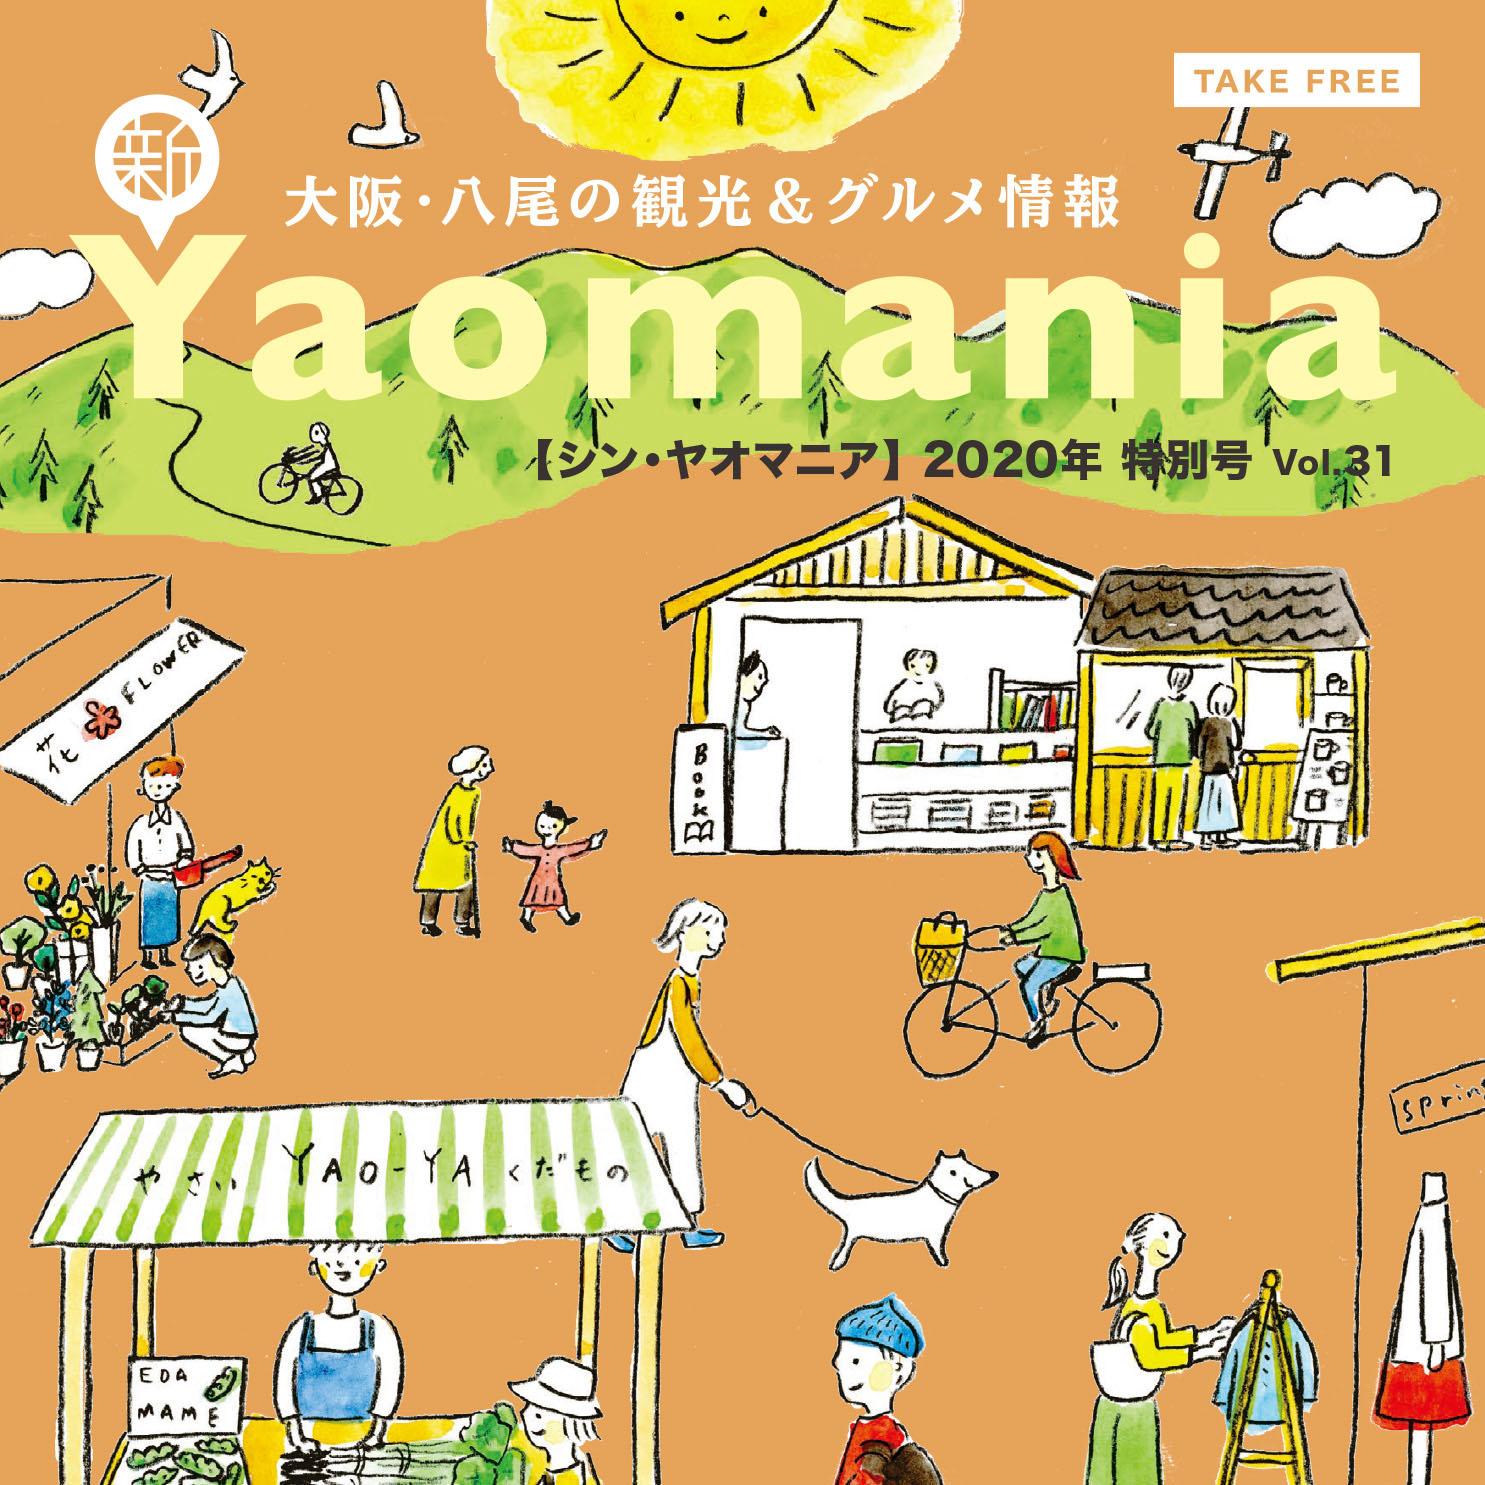 新Yaomania(シン・ヤオマニア)特別号|2020.6.30 八尾ええやんMAP(大阪府八尾市)